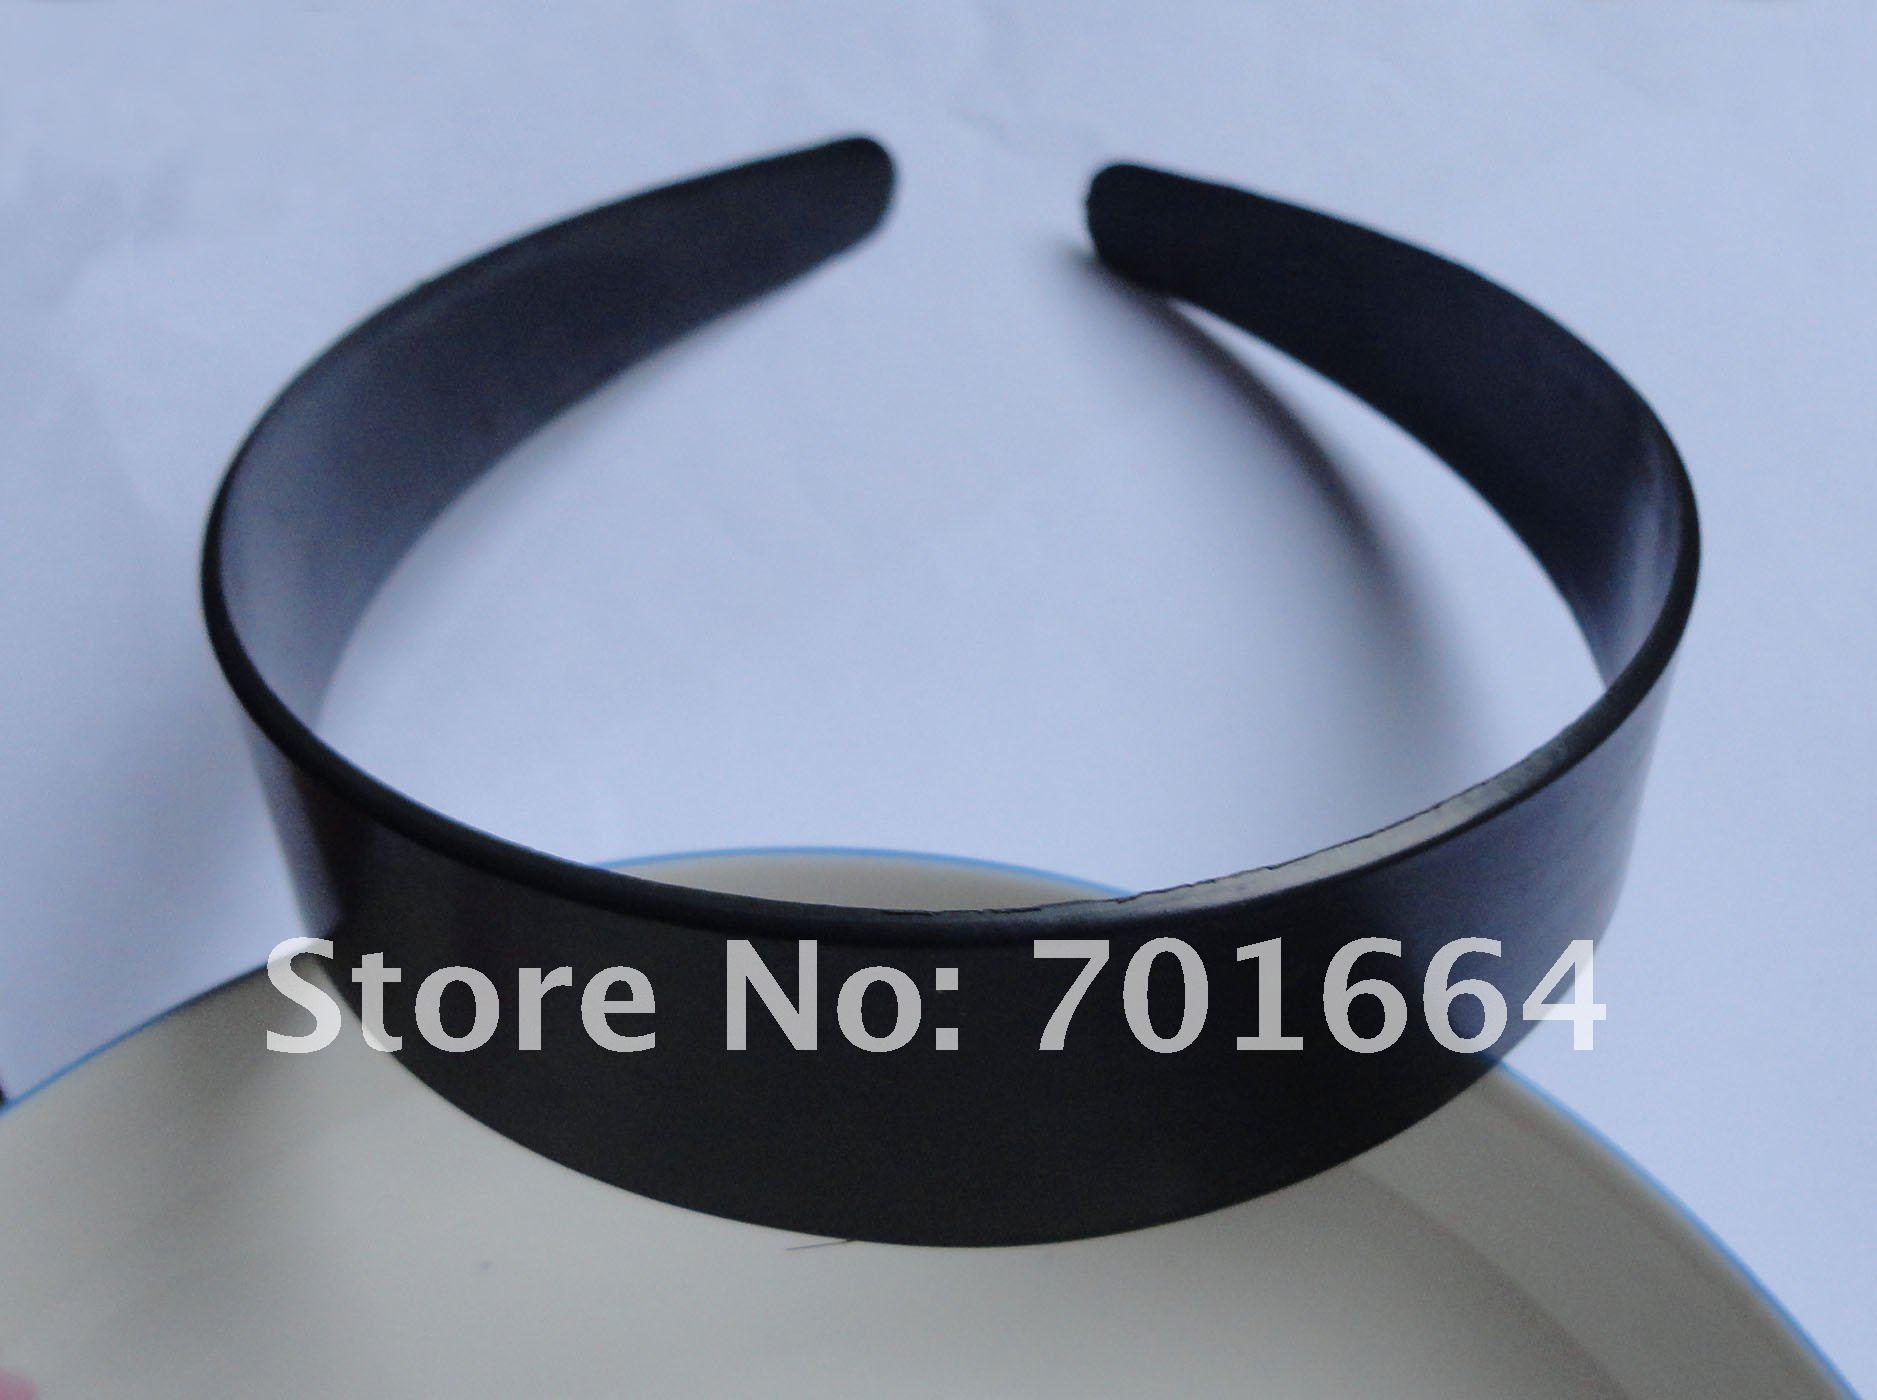 """10 шт. 3,0 см 1,1"""" черные без зубов простые пластиковые повязки для волос как аксессуары для самостоятельной сборки, оптом"""